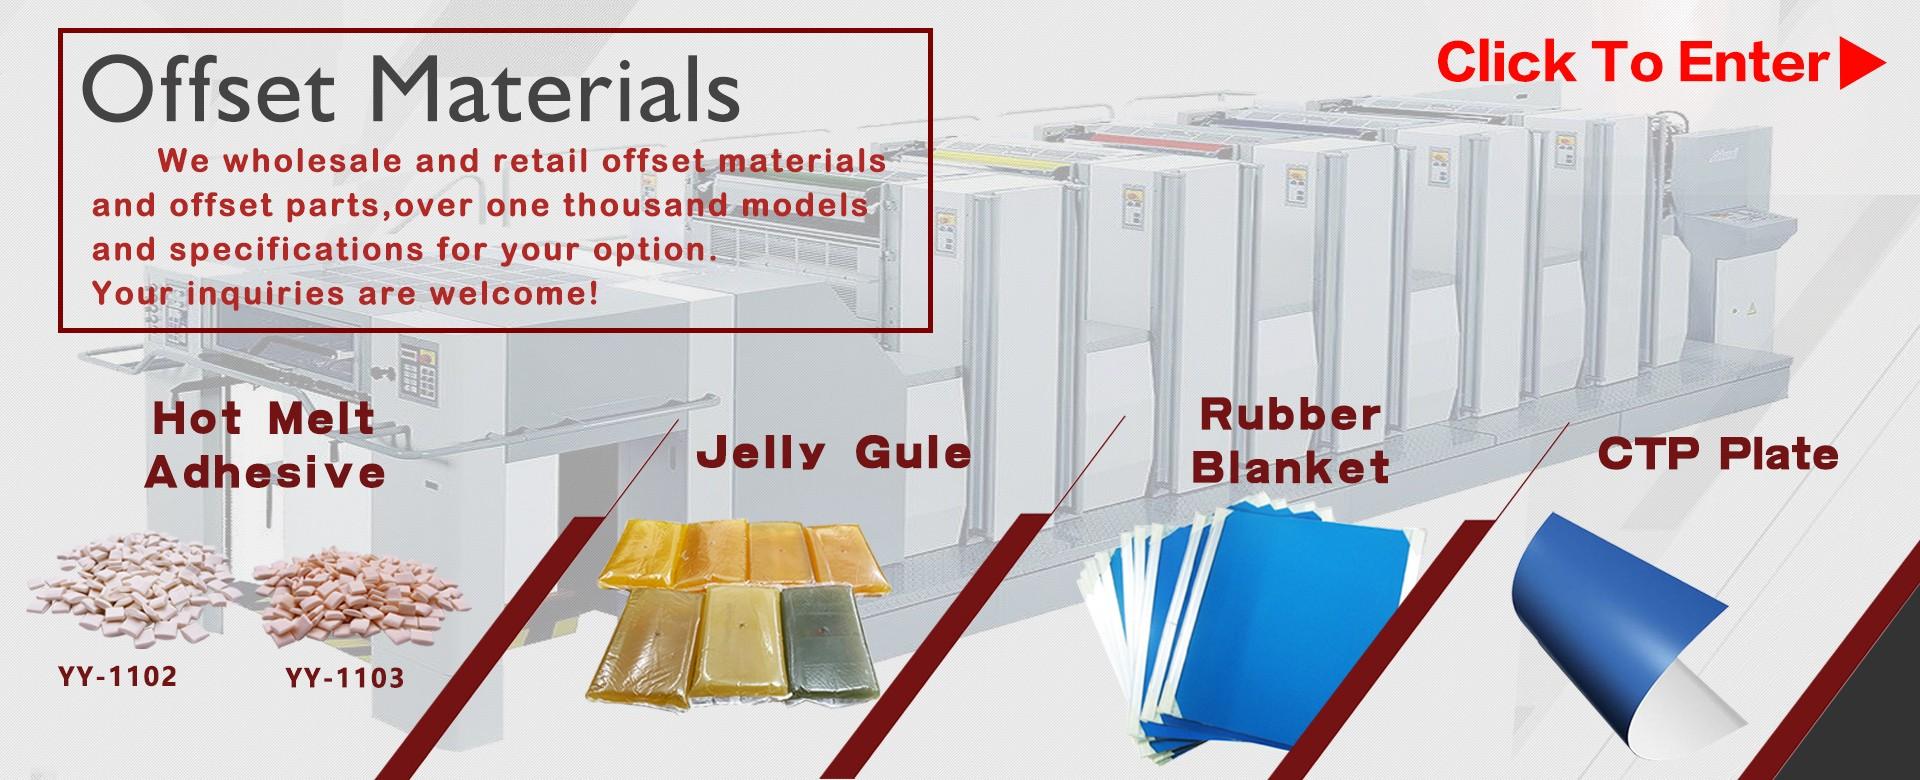 Offset materials